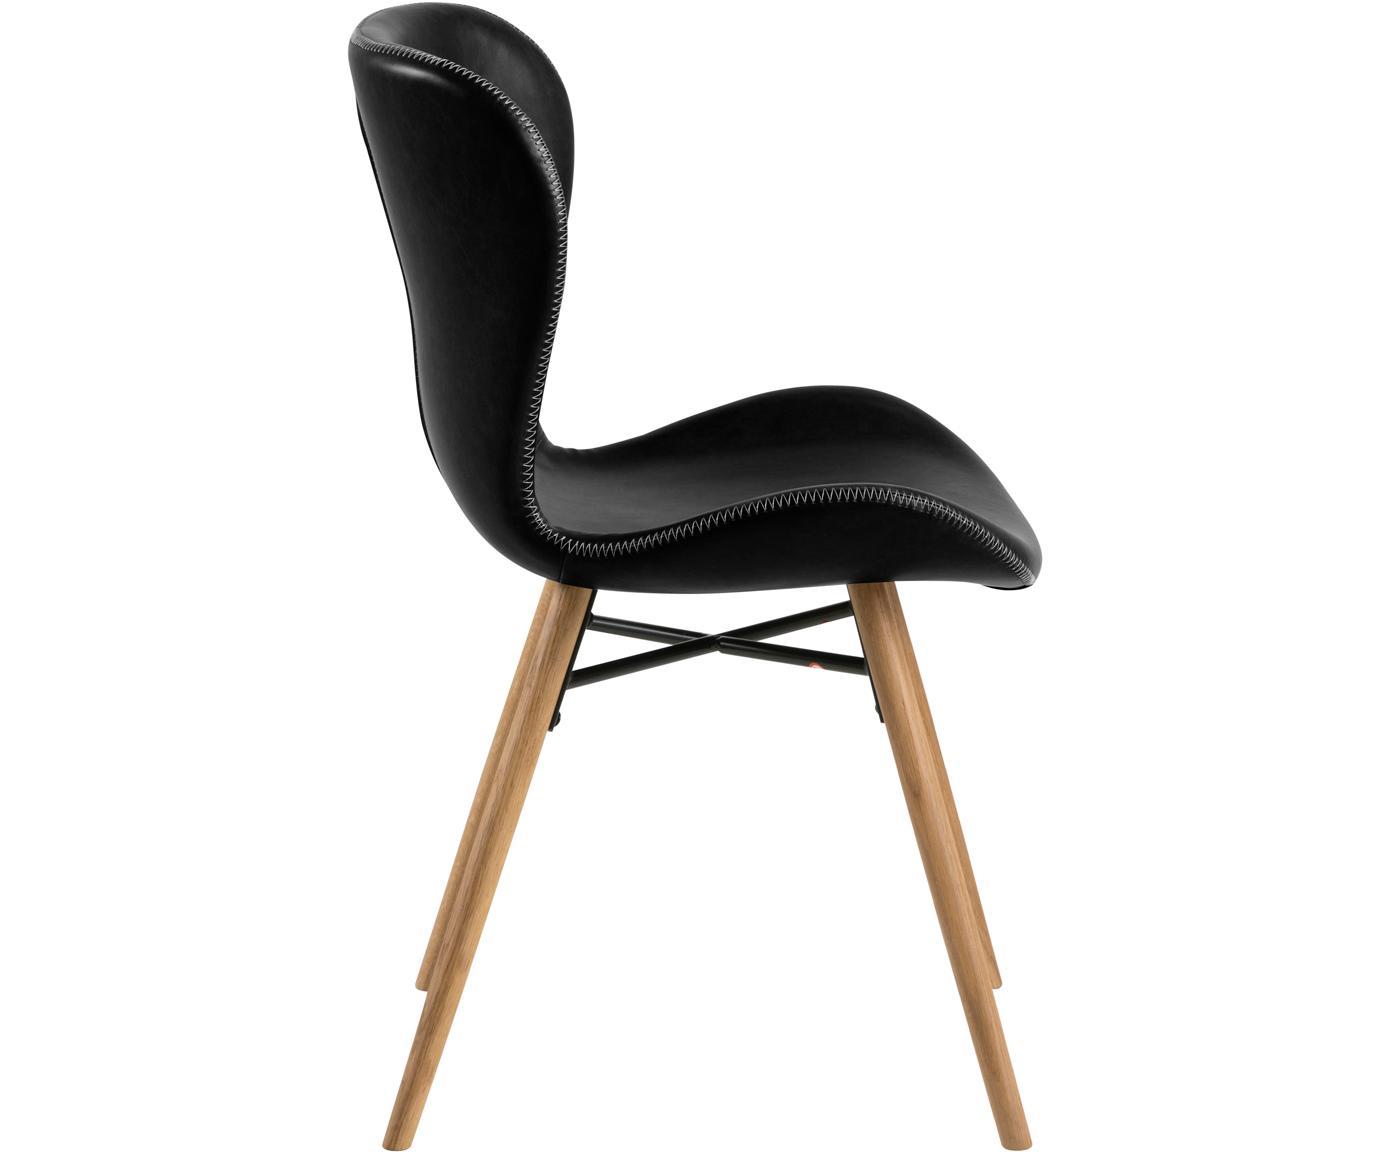 Krzesło tapicerowane ze sztucznej skóry Batilda, 2 szt., Tapicerka: sztuczna skóra (poliureta, Nogi: drewno dębowe, olejowane, Czarny, S 56 x G 47 cm